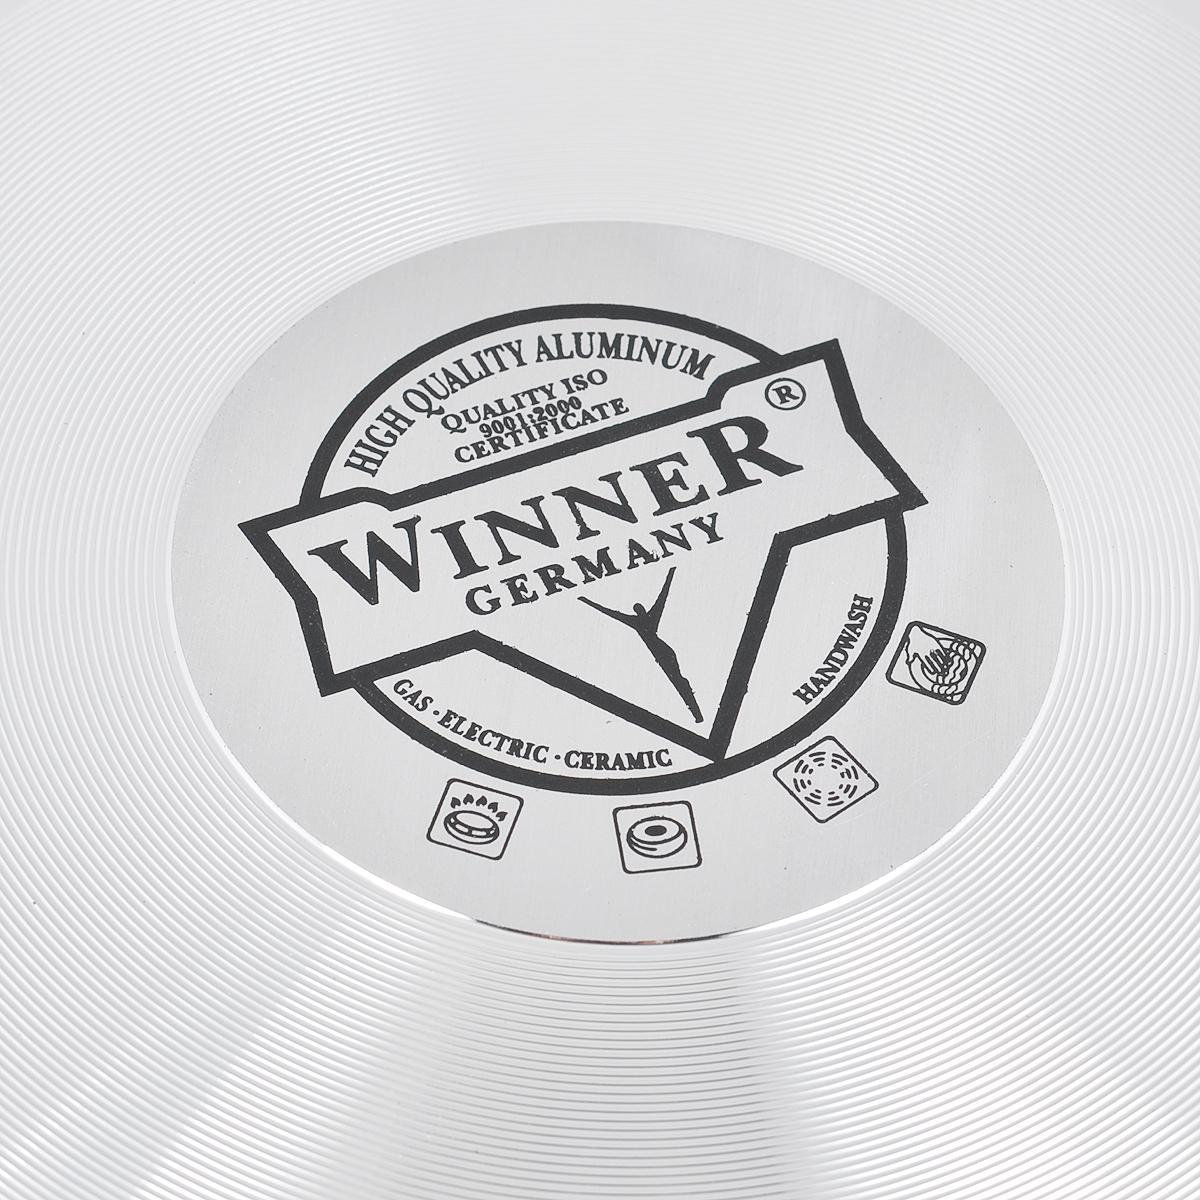 """Сковорода """"Winner"""" изготовлена из алюминия с антипригарным керамическим покрытием с нанокомпонентами Excilon, благодаря которому приобретает уникальные свойства и эксплуатационные характеристики. Нанопокрытие наносится по уникальной технологии напыления. Сковорода приобретает высокую прочность, жаро-, износо-, коррозионную стойкость, химическую инертность. При нагревании до высоких температур не выделяет и не впитывает в себя вредных для человека химических соединений. Нанопокрытие гарантирует быстрый и равномерный нагрев посуды и существенную экономию электроэнергии, данная технология позволяет исключить деформацию корпуса при частом и длительном использовании посуды. Рукоятка специального дизайна, выполненная из бакелита с силиконовым покрытием, удобна и комфортна в эксплуатации. Внешнее цветное покрытие устойчиво к воздействию высоких температур. Можно использовать на всех типах плит, кроме  индукционных."""